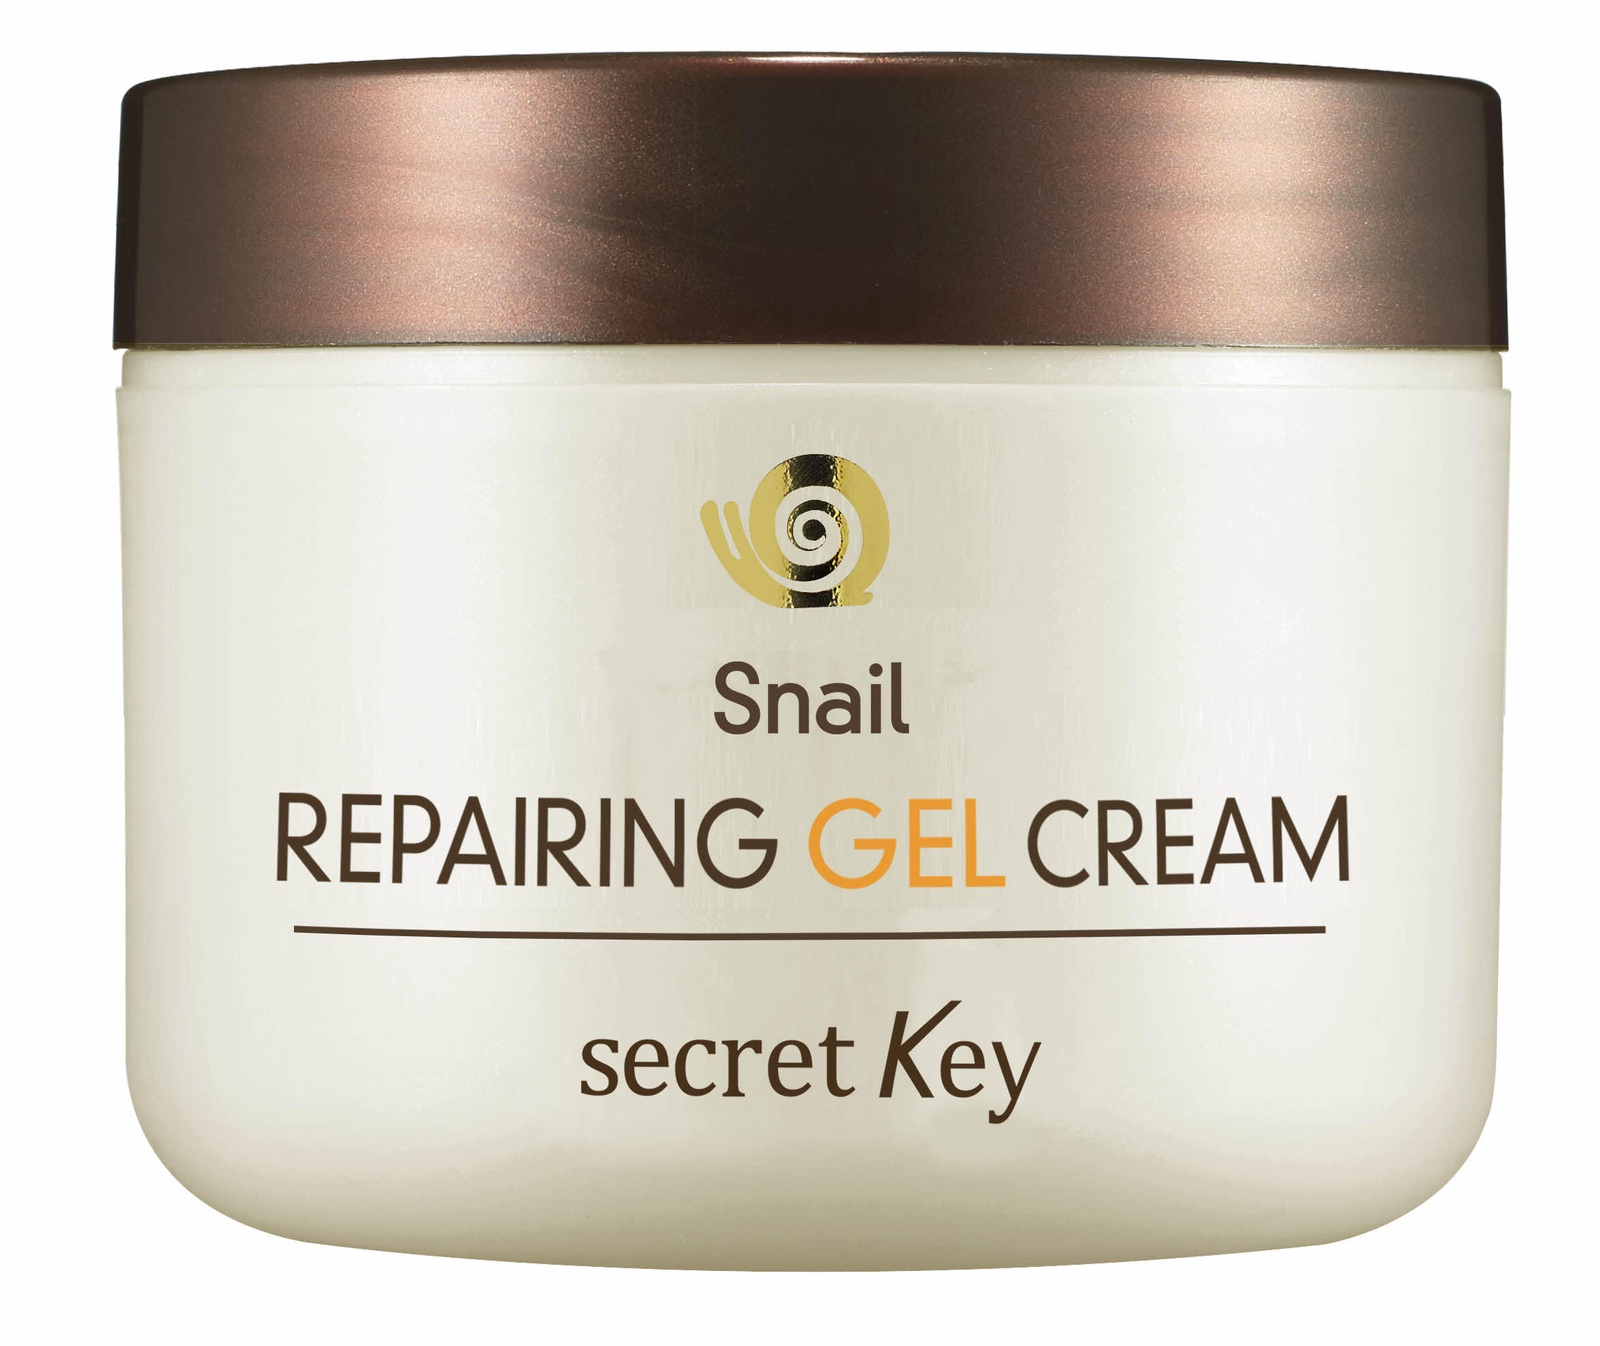 Крем для ухода за кожей Secret Key 9810592000168